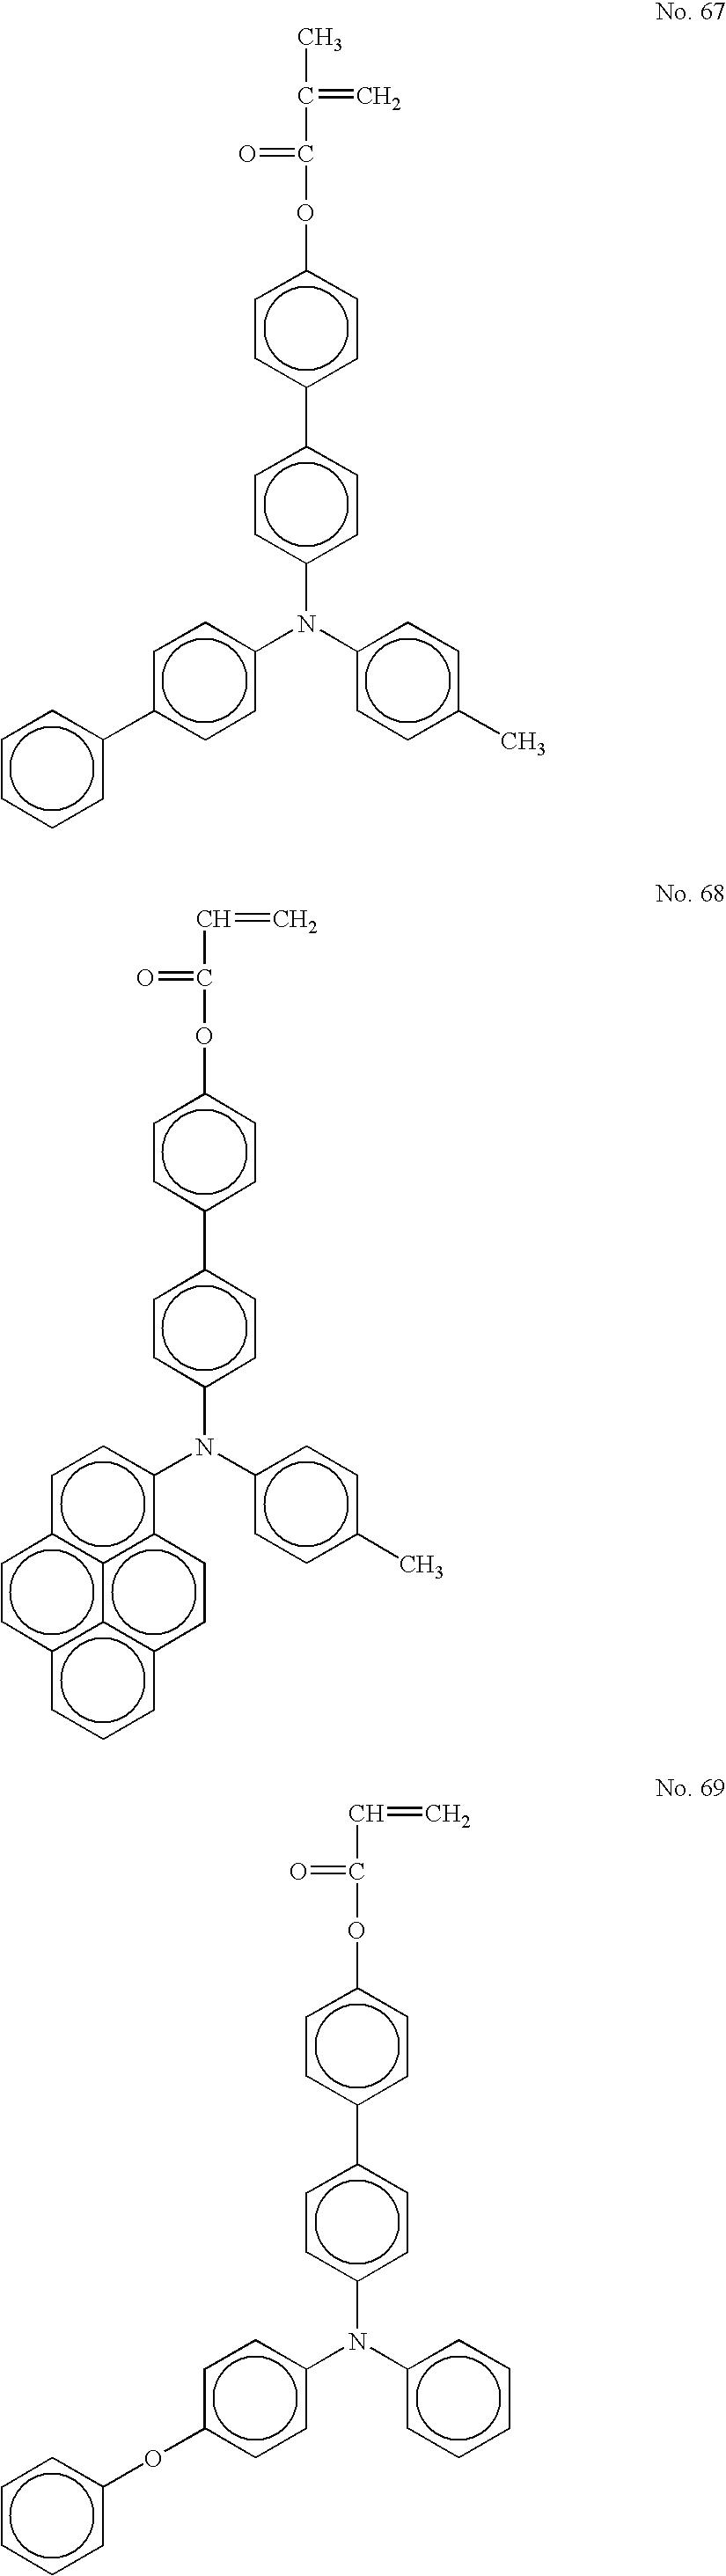 Figure US20050175911A1-20050811-C00024